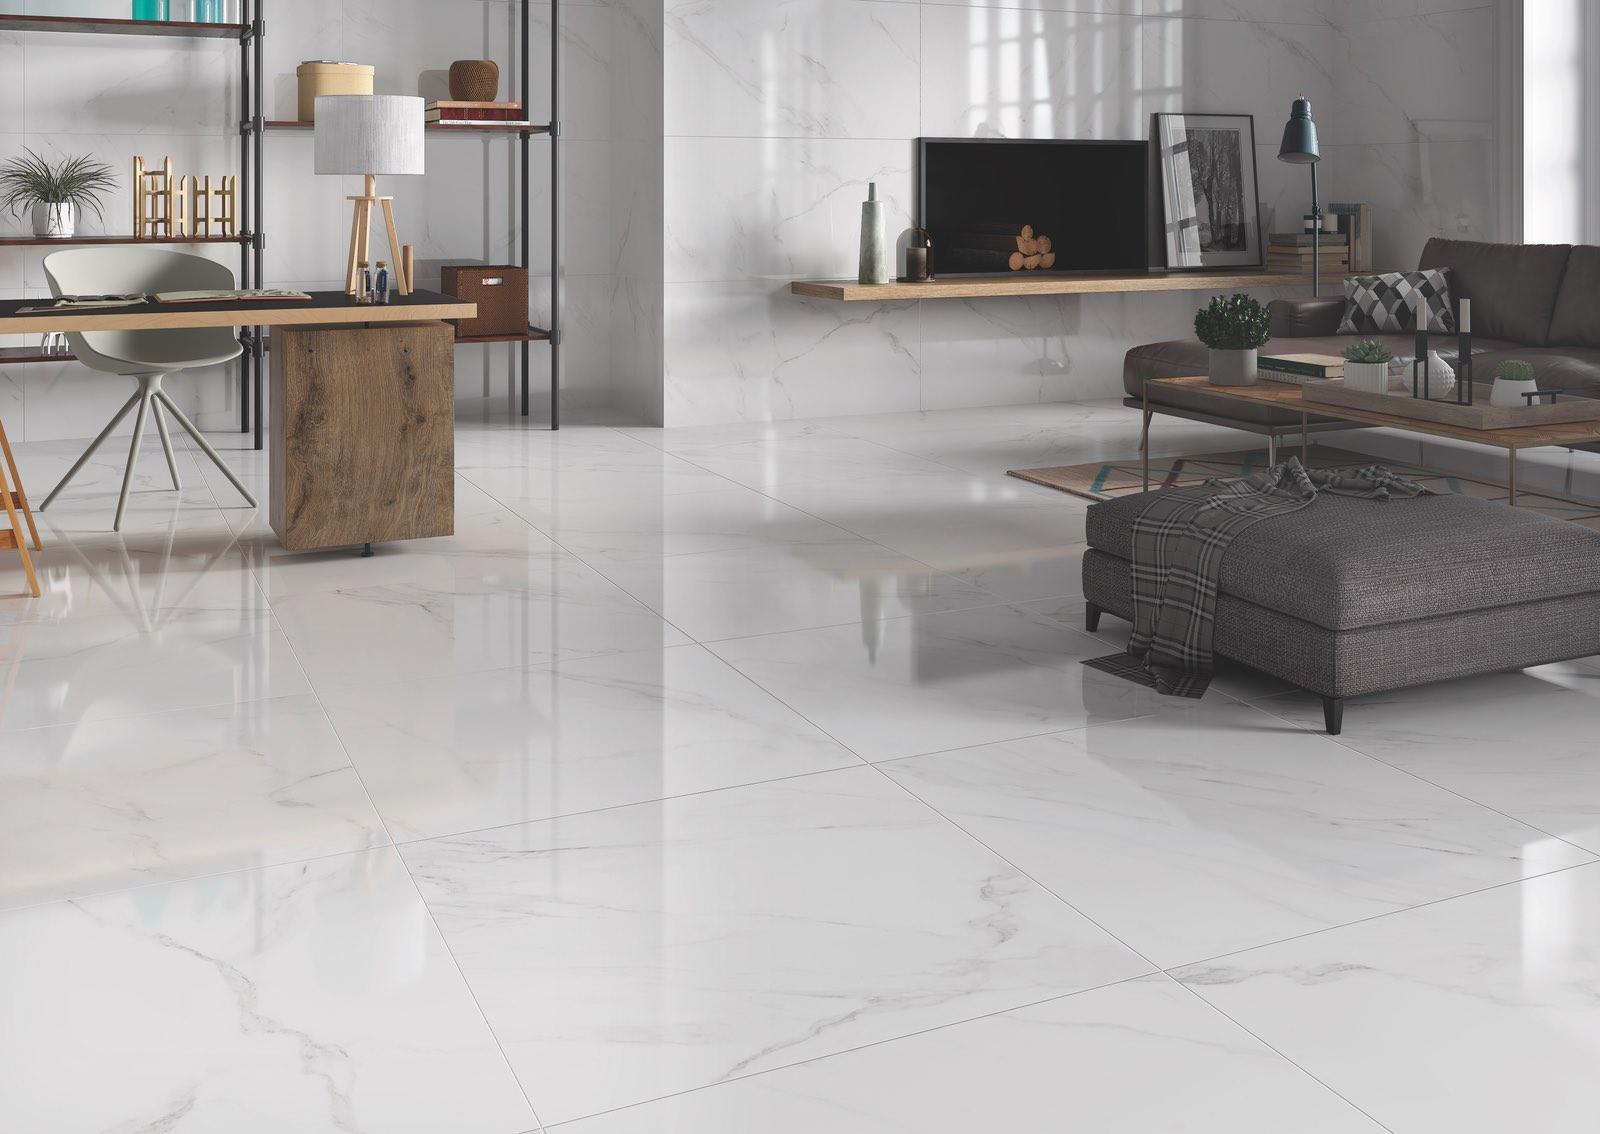 Naos White Polished Porcelain Tile 7x7 - Tiles & Stone Warehouse